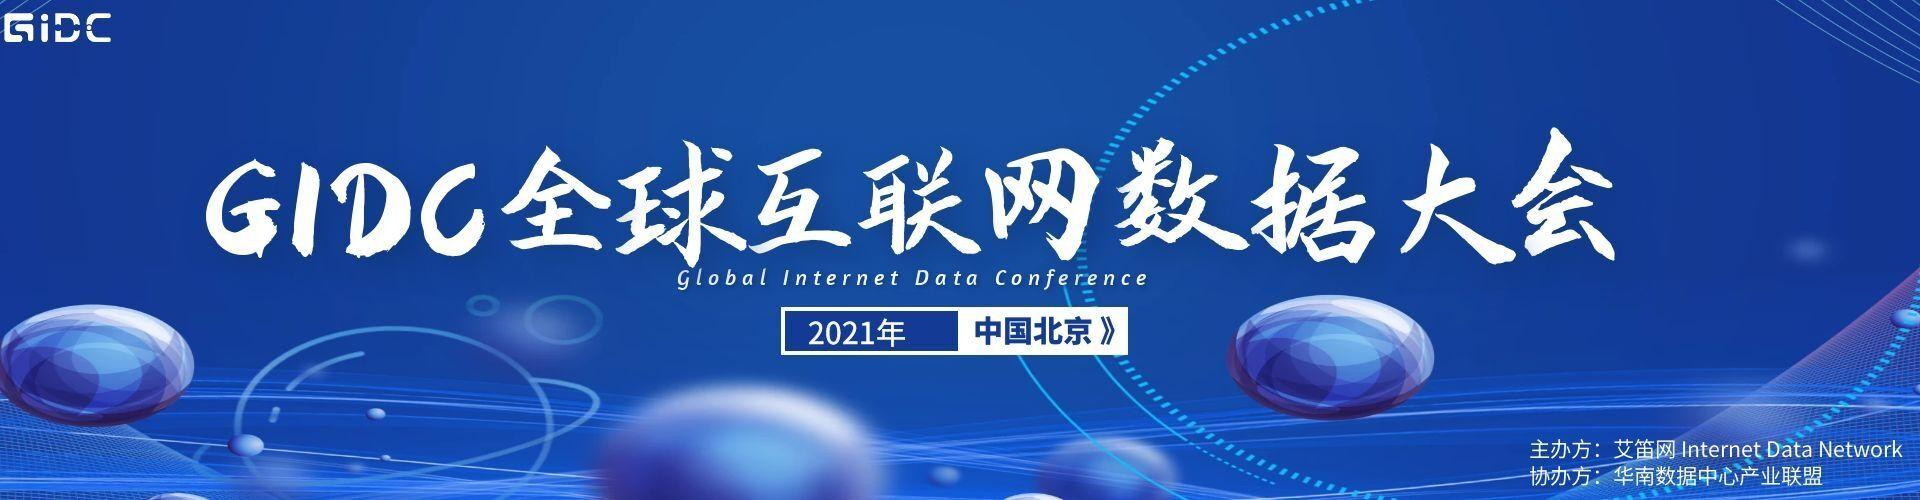 【倍道兼行】2021全球互联网数据大会